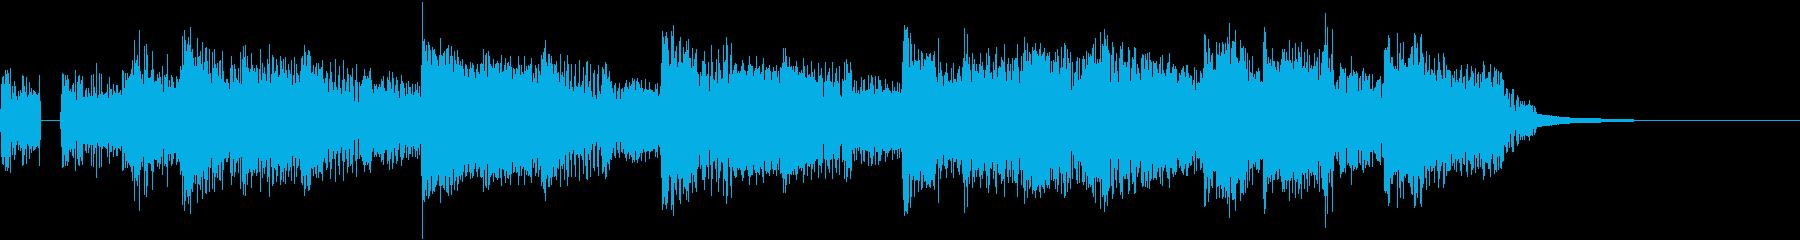 達成感をイメージしたジングル(FM音源)の再生済みの波形